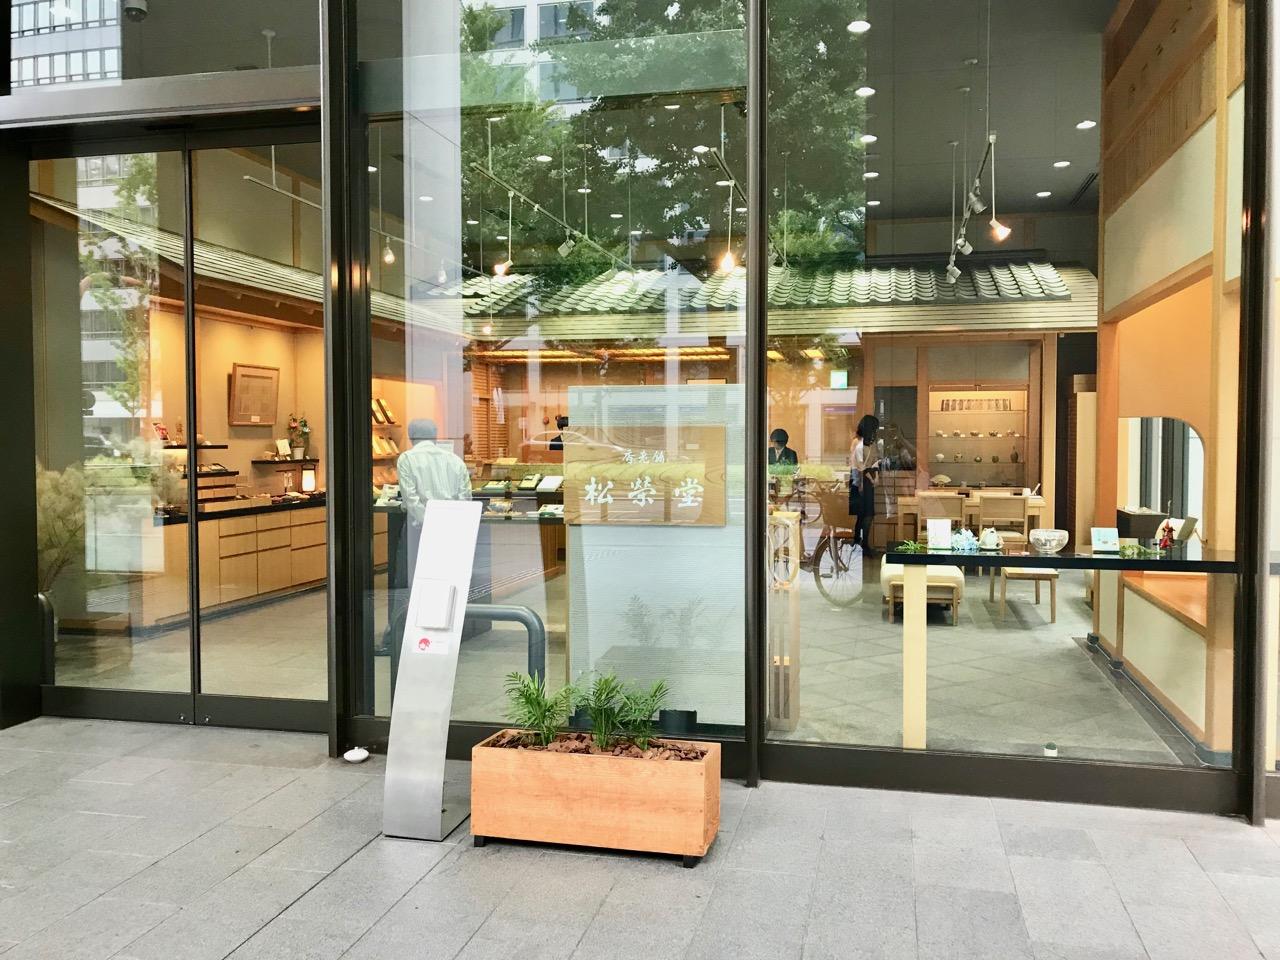 香老舗 松栄堂 大阪本町店 の前はいつもお香のいい香り かわいい根付や香立もお手頃価格 本町ブログ